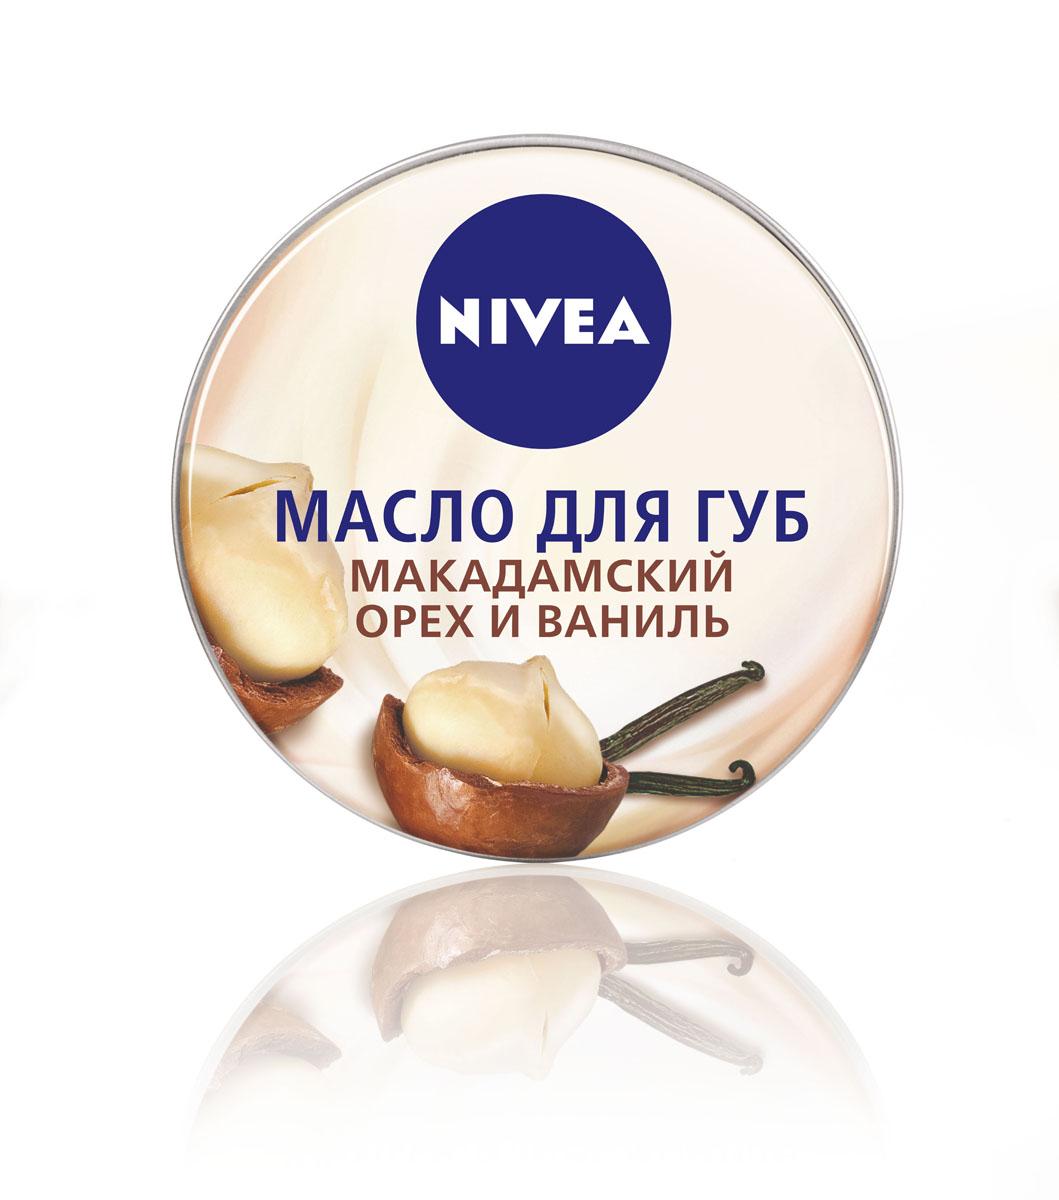 NIVEA Масло для губ «Макадамский орех и ваниль» 19 млFS-00897•Масло для губ от NIVEA — это новая гамма восхитительных вкусов и ароматов, которая превращает уход за губами в истинное удовольствие. Увлажняющая формула, обогощенная маслами карите и миндаля, интенсивно и надолго увлажняет кожу губ. Масло для губ с нежным ароматом ванили и макадамского ореха делает кожу губ невероятно мягкой.Как это работает•обеспечивает интенсивный уход в течение длительного времени•подходит для сухих губ•придает необыкновенную мягкость•придает естественный блеск Одобрено дерматологами NIVEA — всё для самых нежных поцелуев!